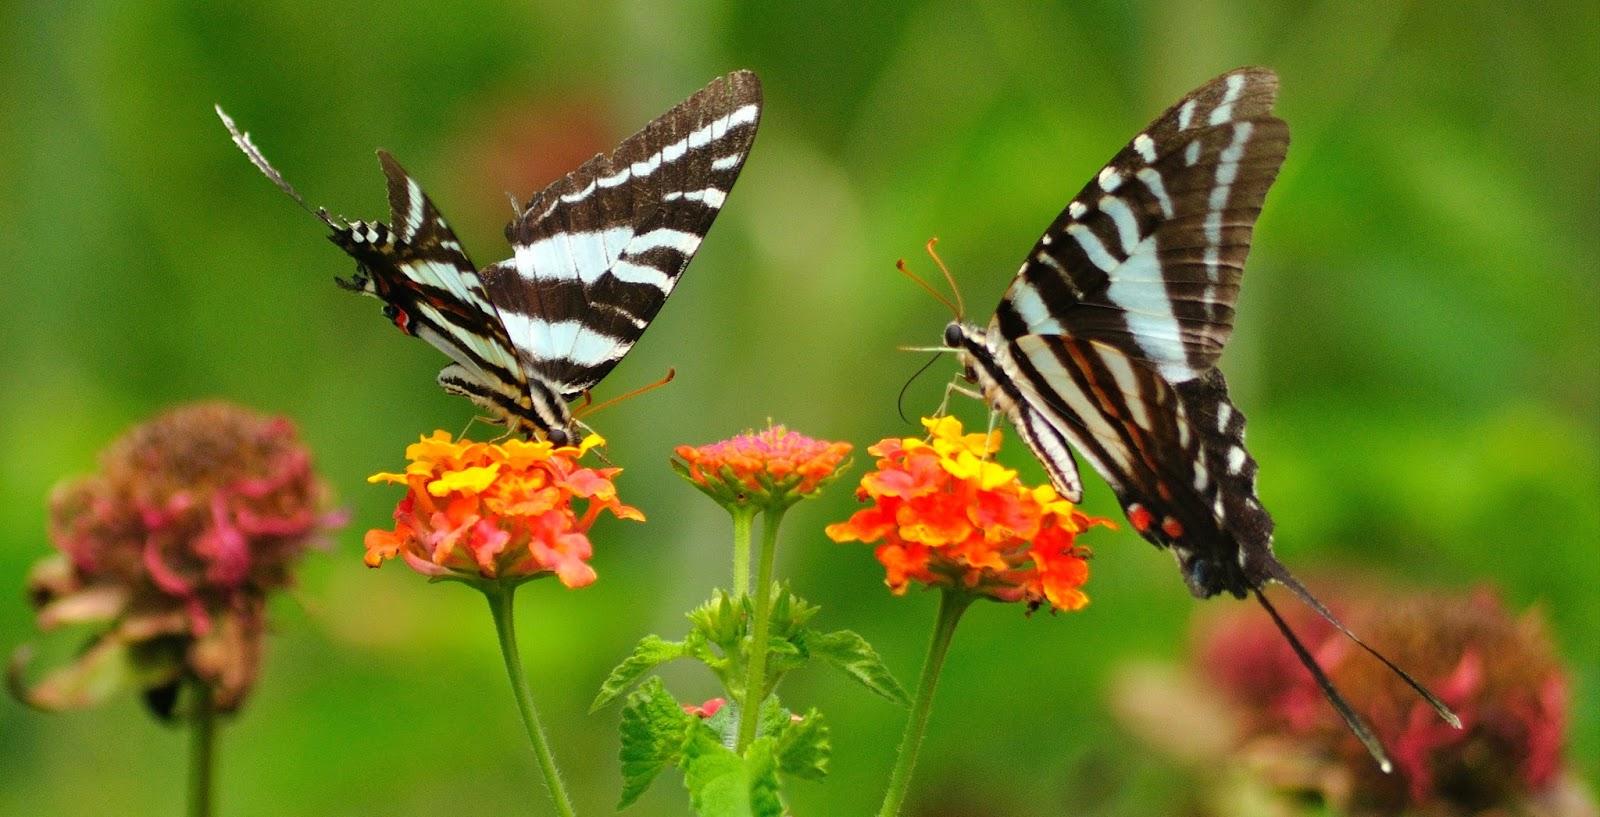 Sepasang Kupu Kupu Terbang di Atas Bunga